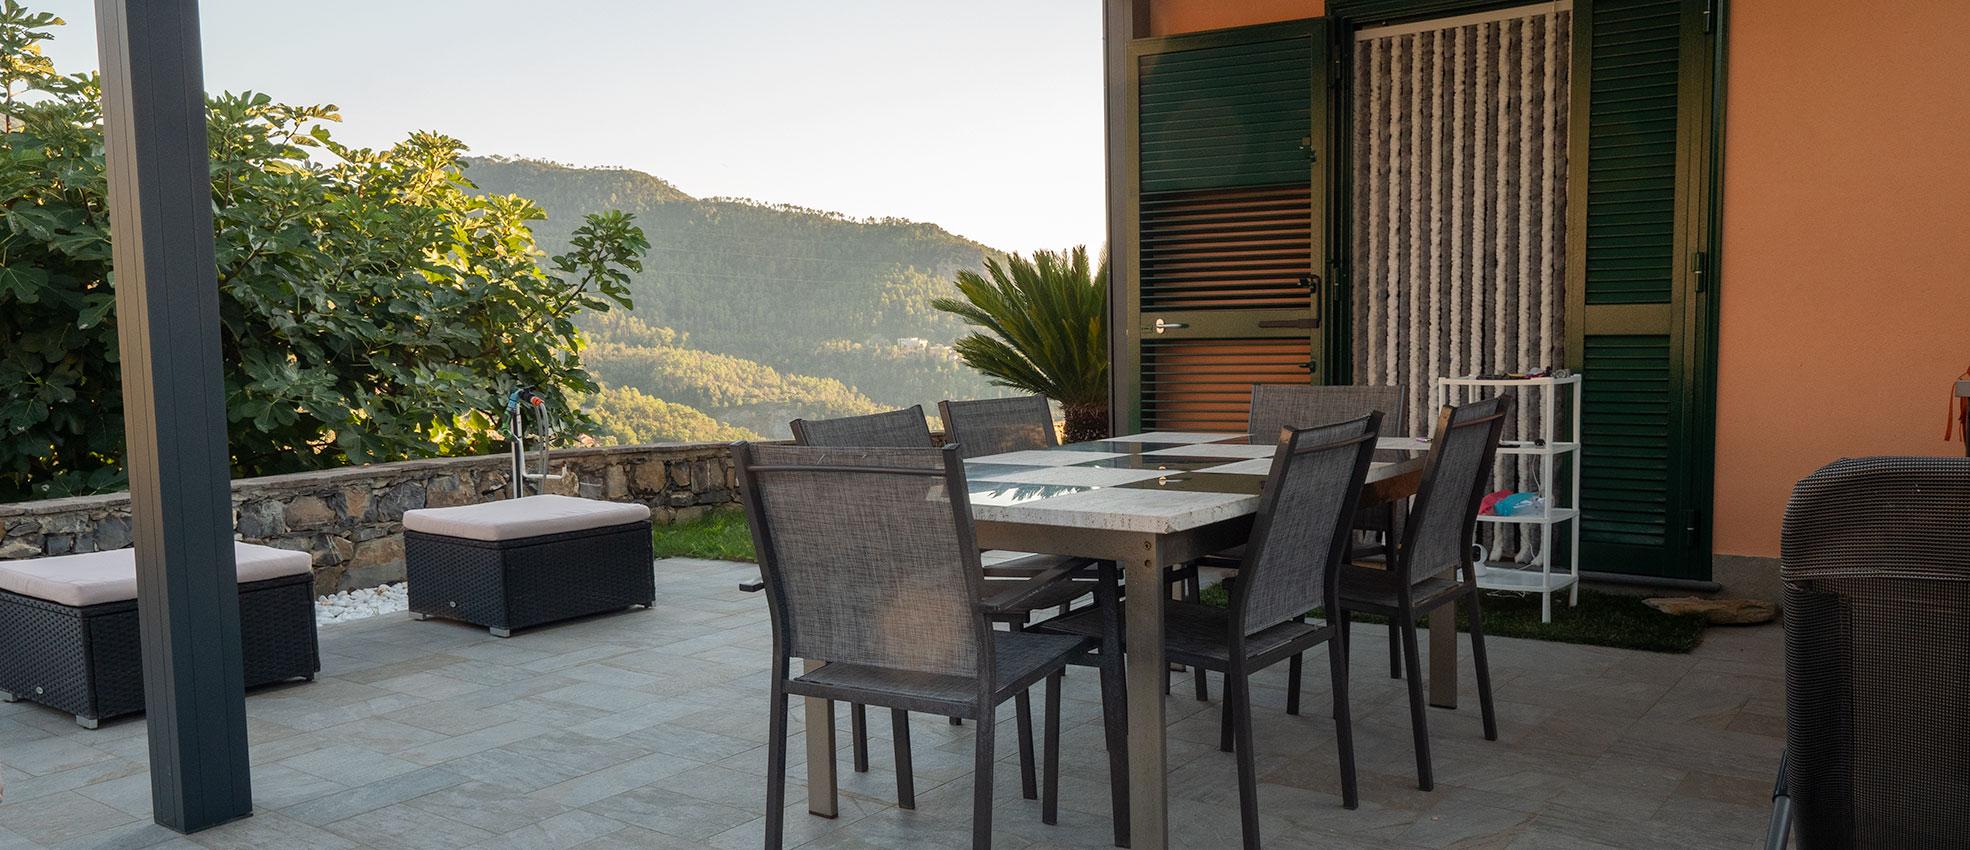 Località Castagnola di Framura Villetta di Recente Realizzazione con Giardino